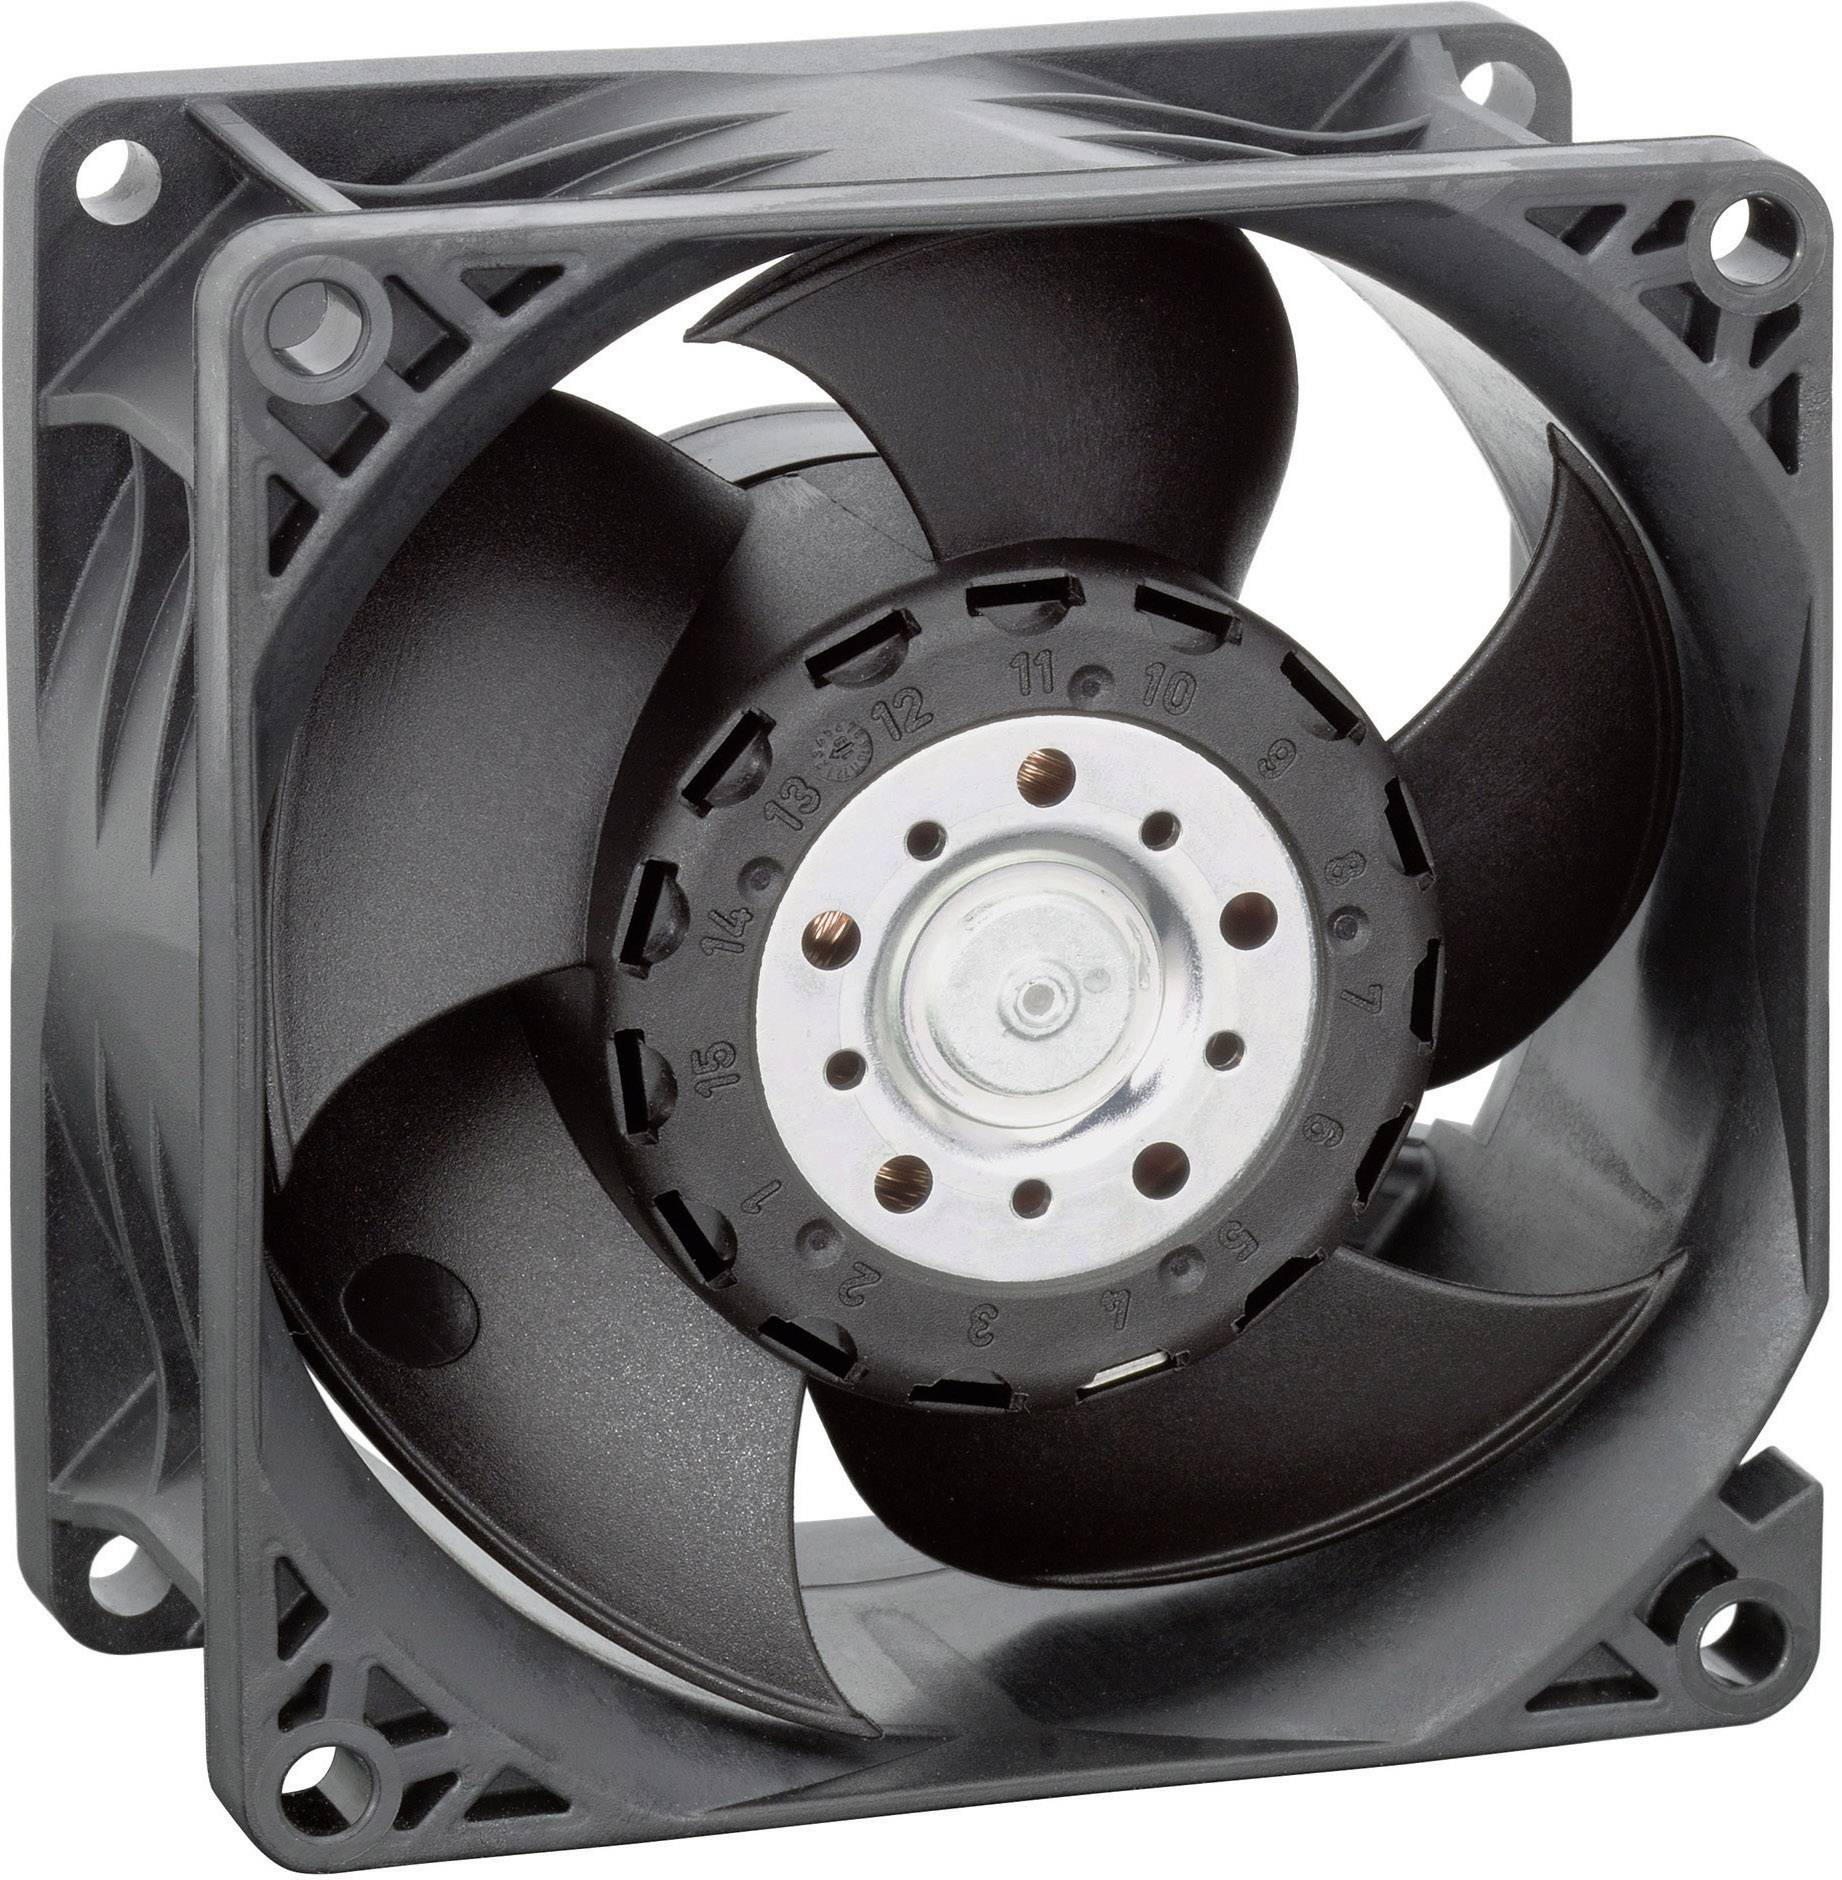 Axiální ventilátor EBM Papst, 8214 JH4, 24 V, 71 dBA, 80 x 80 x 38 mm